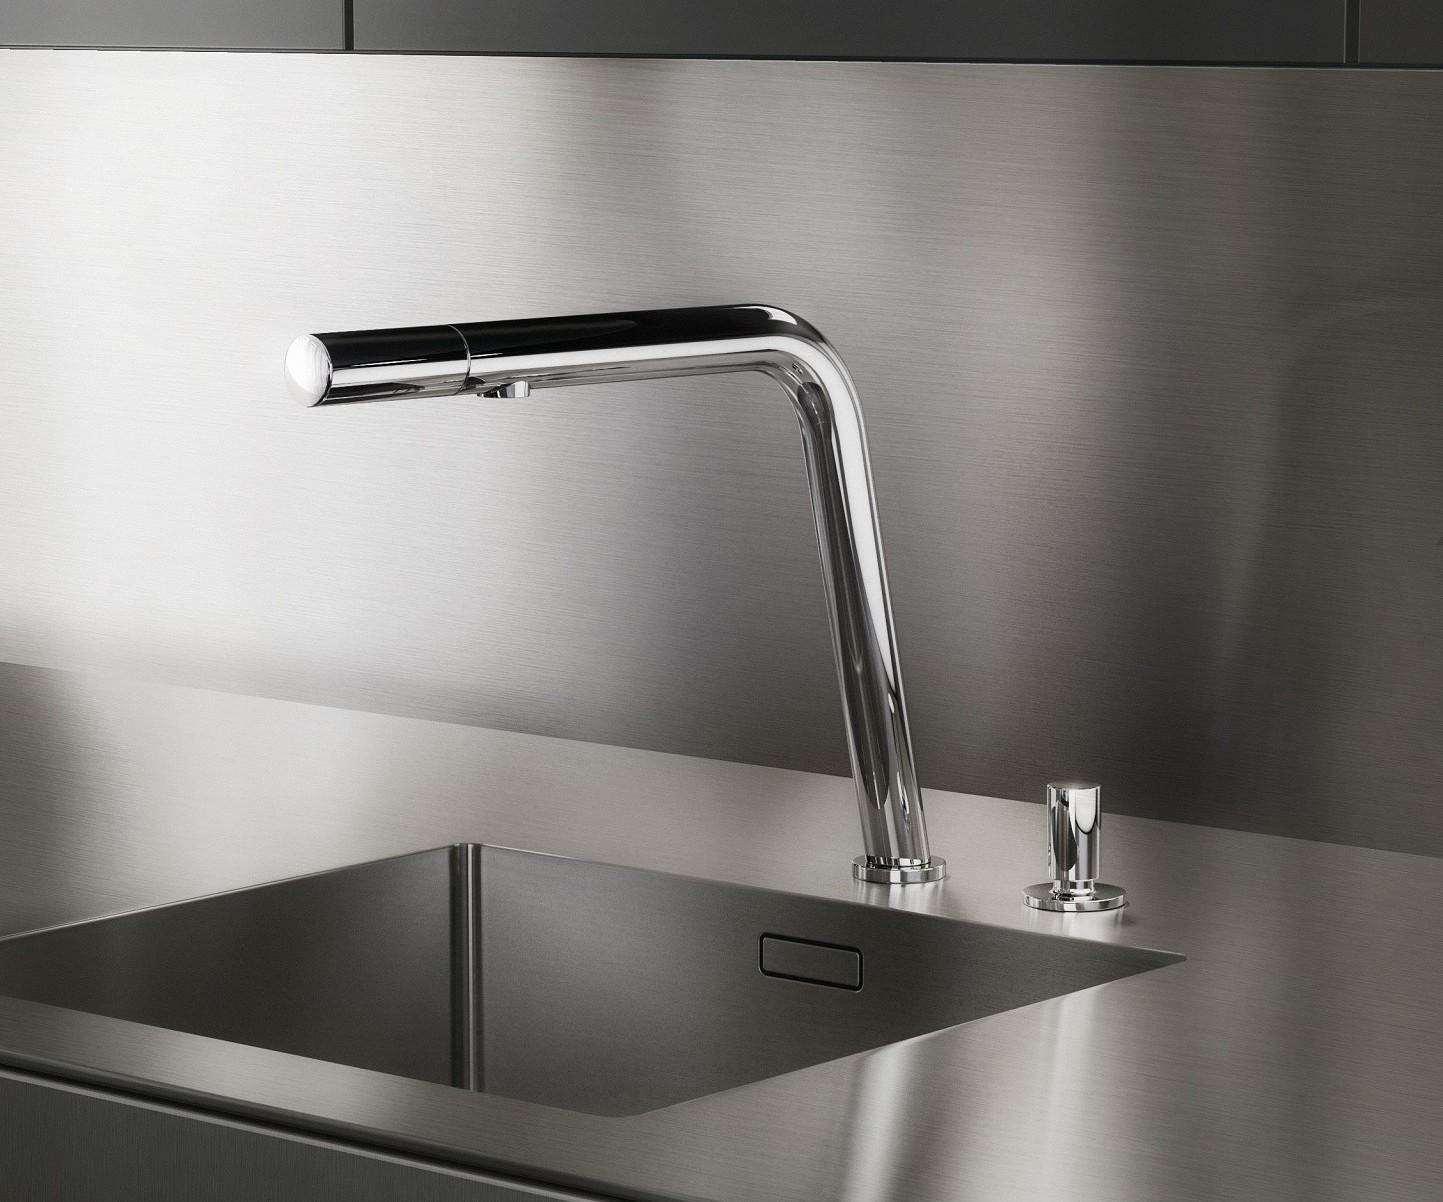 Placard bas en inox d'une cuisine de luxe SieMatic Pure SE incluant un robinet exclusif avec contrôle intelligent de la tête.